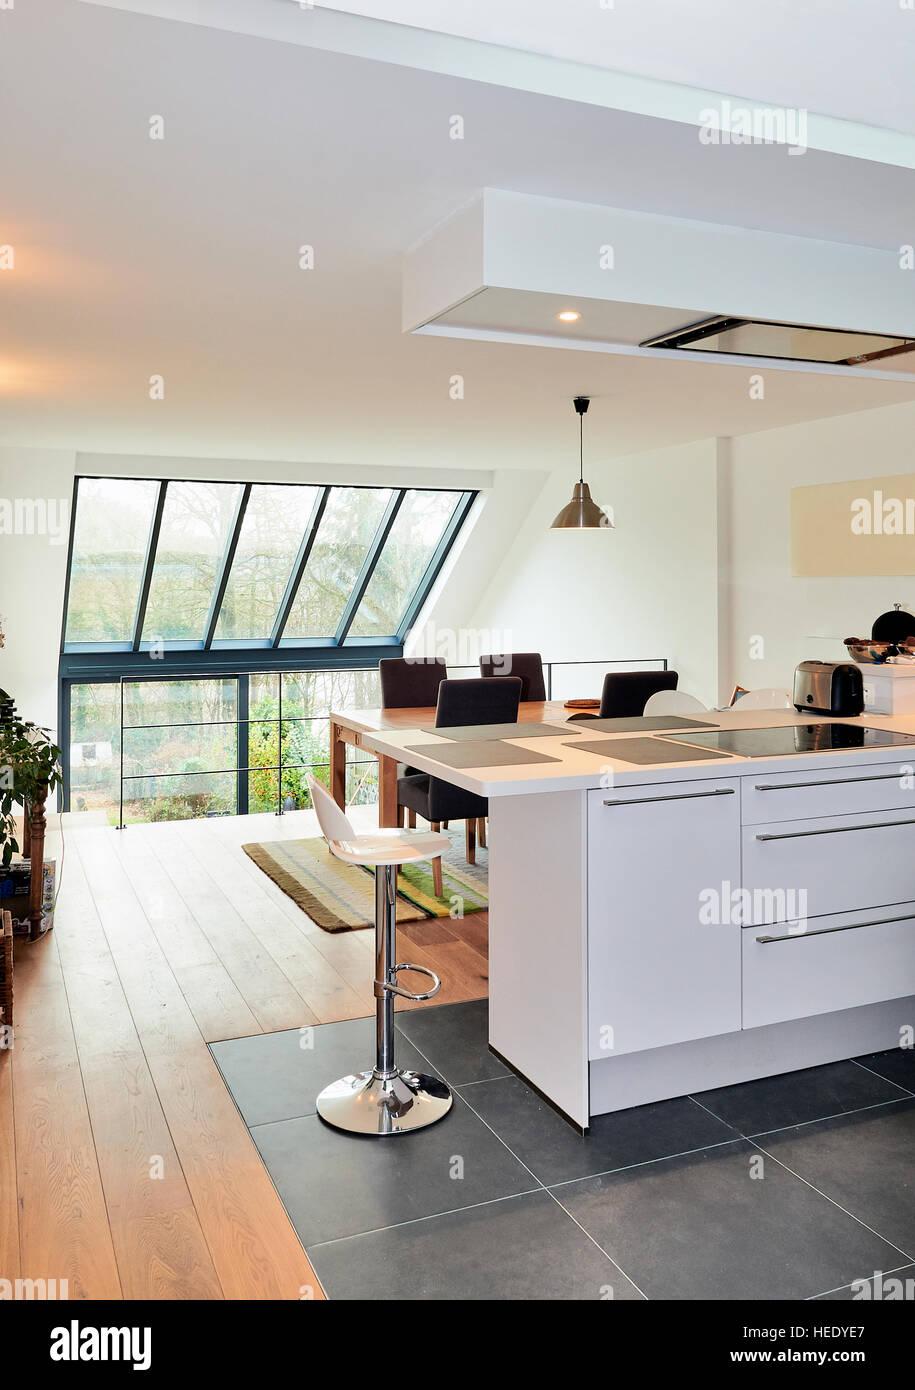 Cuisine ouverte moderne dans maison rénovée avec vue sur un ...